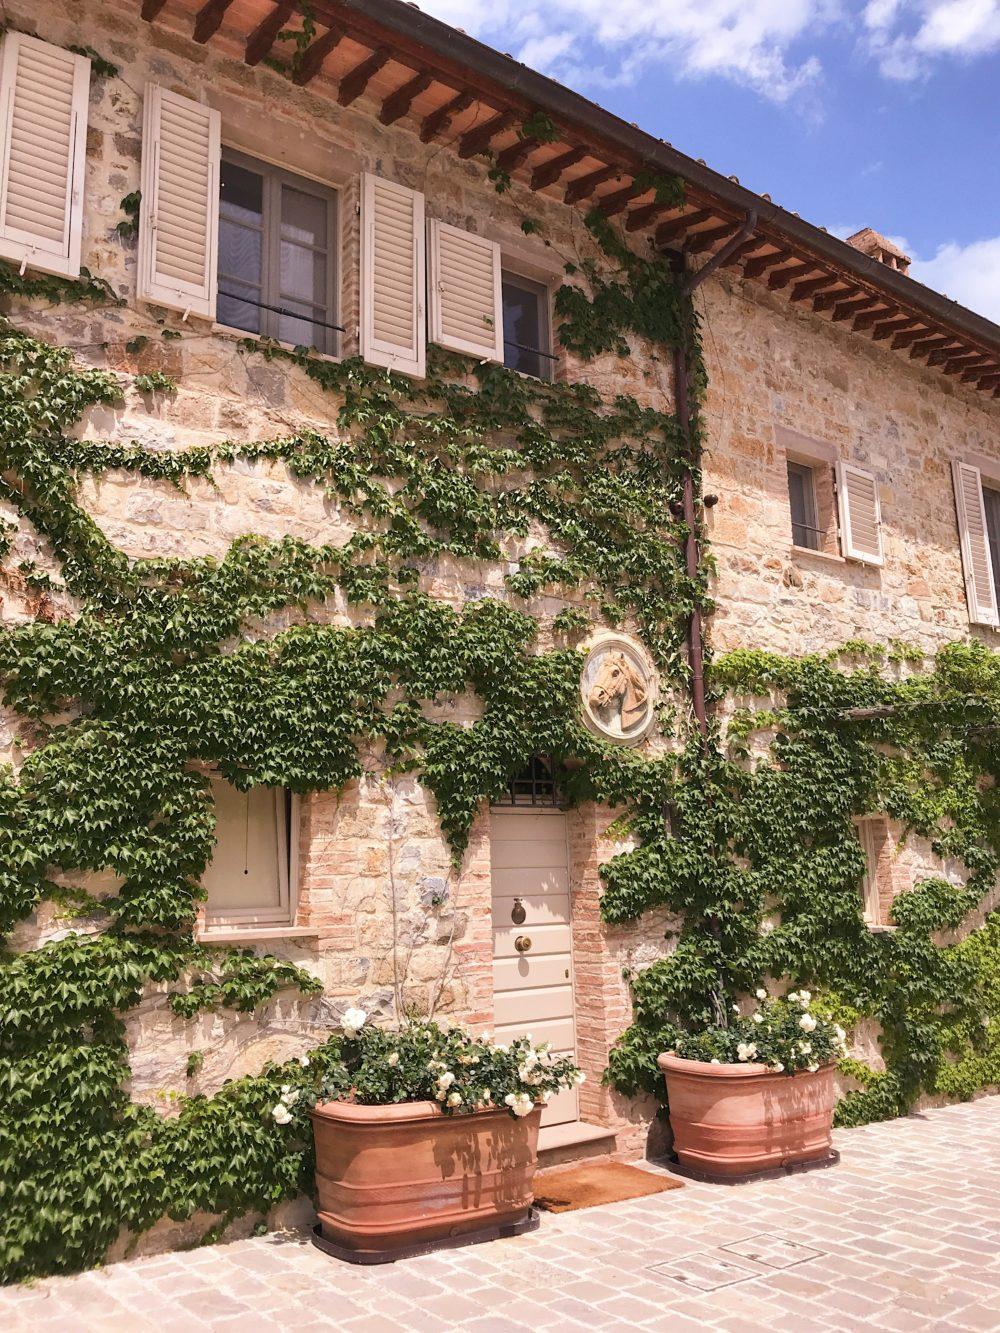 Siena-Italy-Castiglion-del-Bosco-2-e1530898556163.jpg